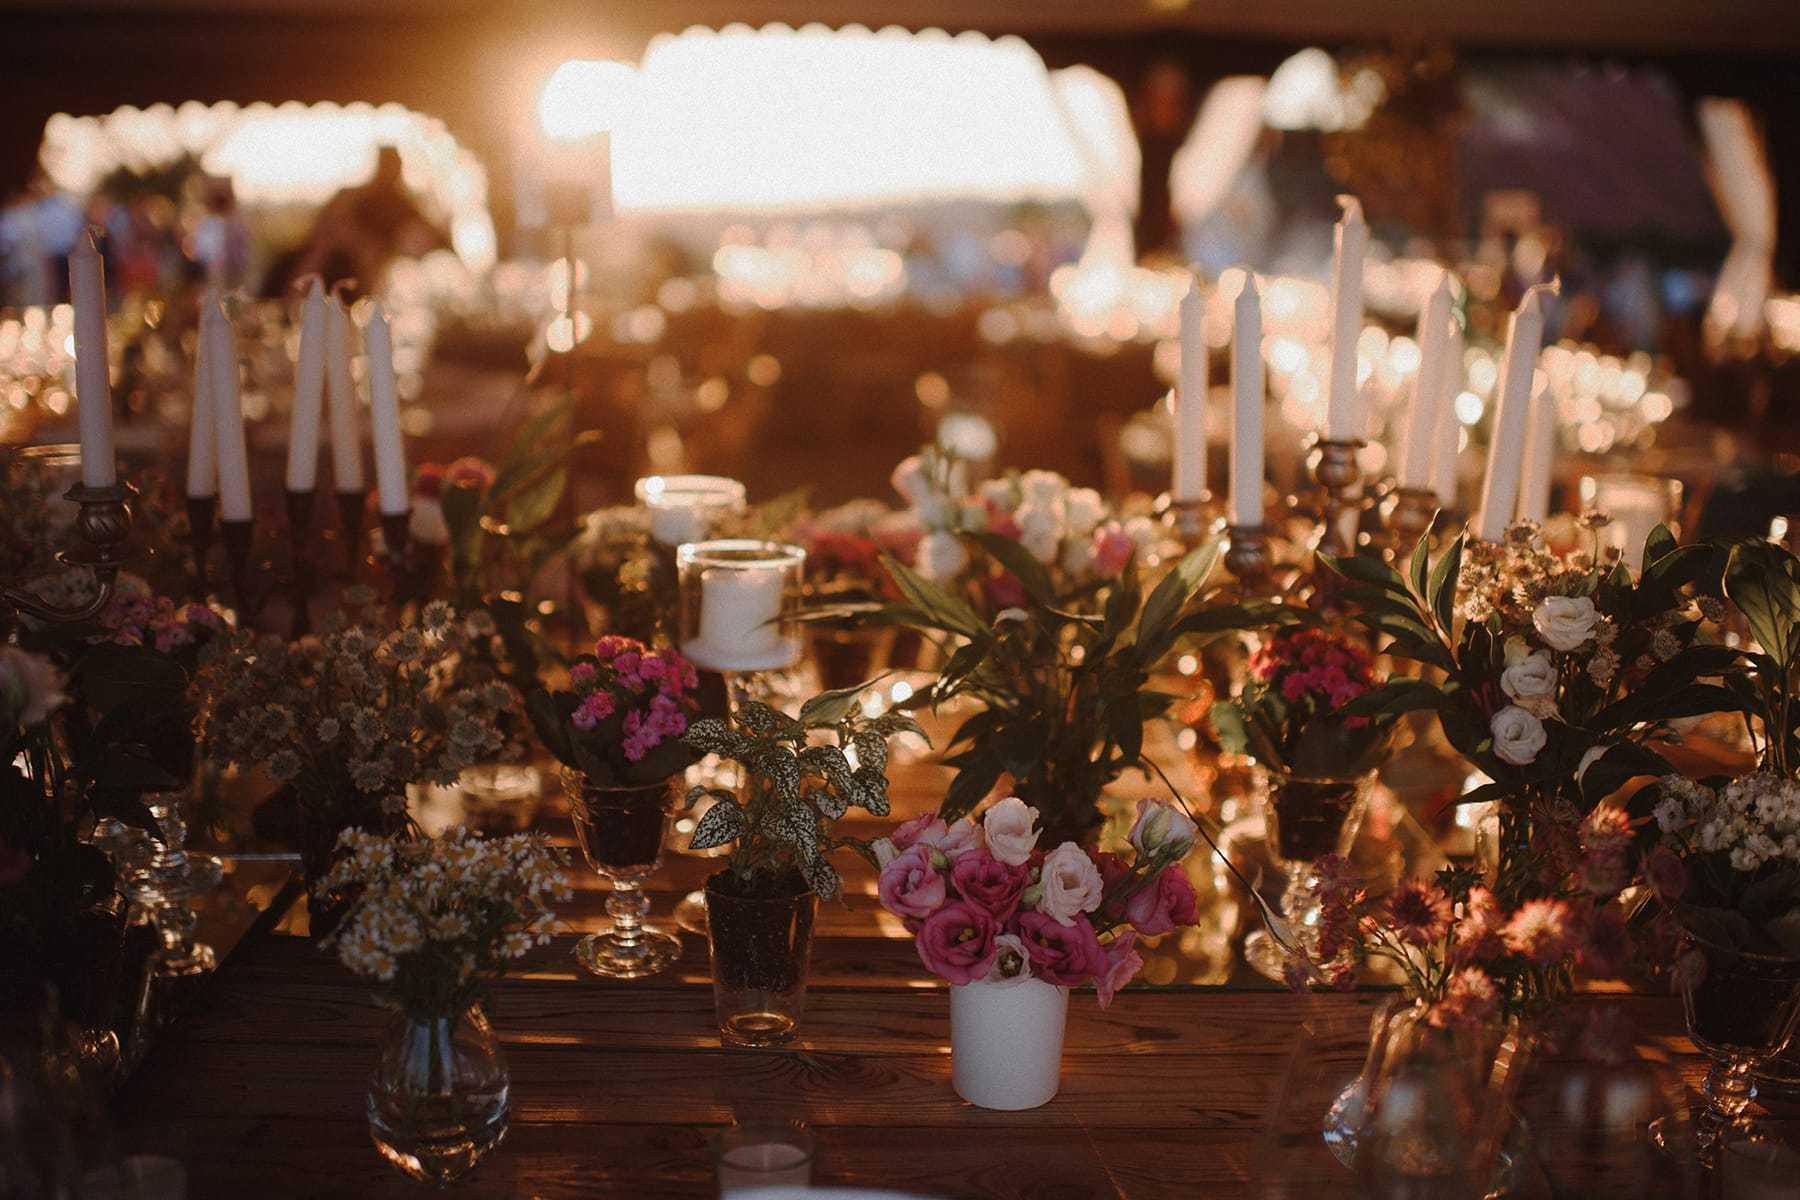 Mesa decorada bañada por la luz del atardecer